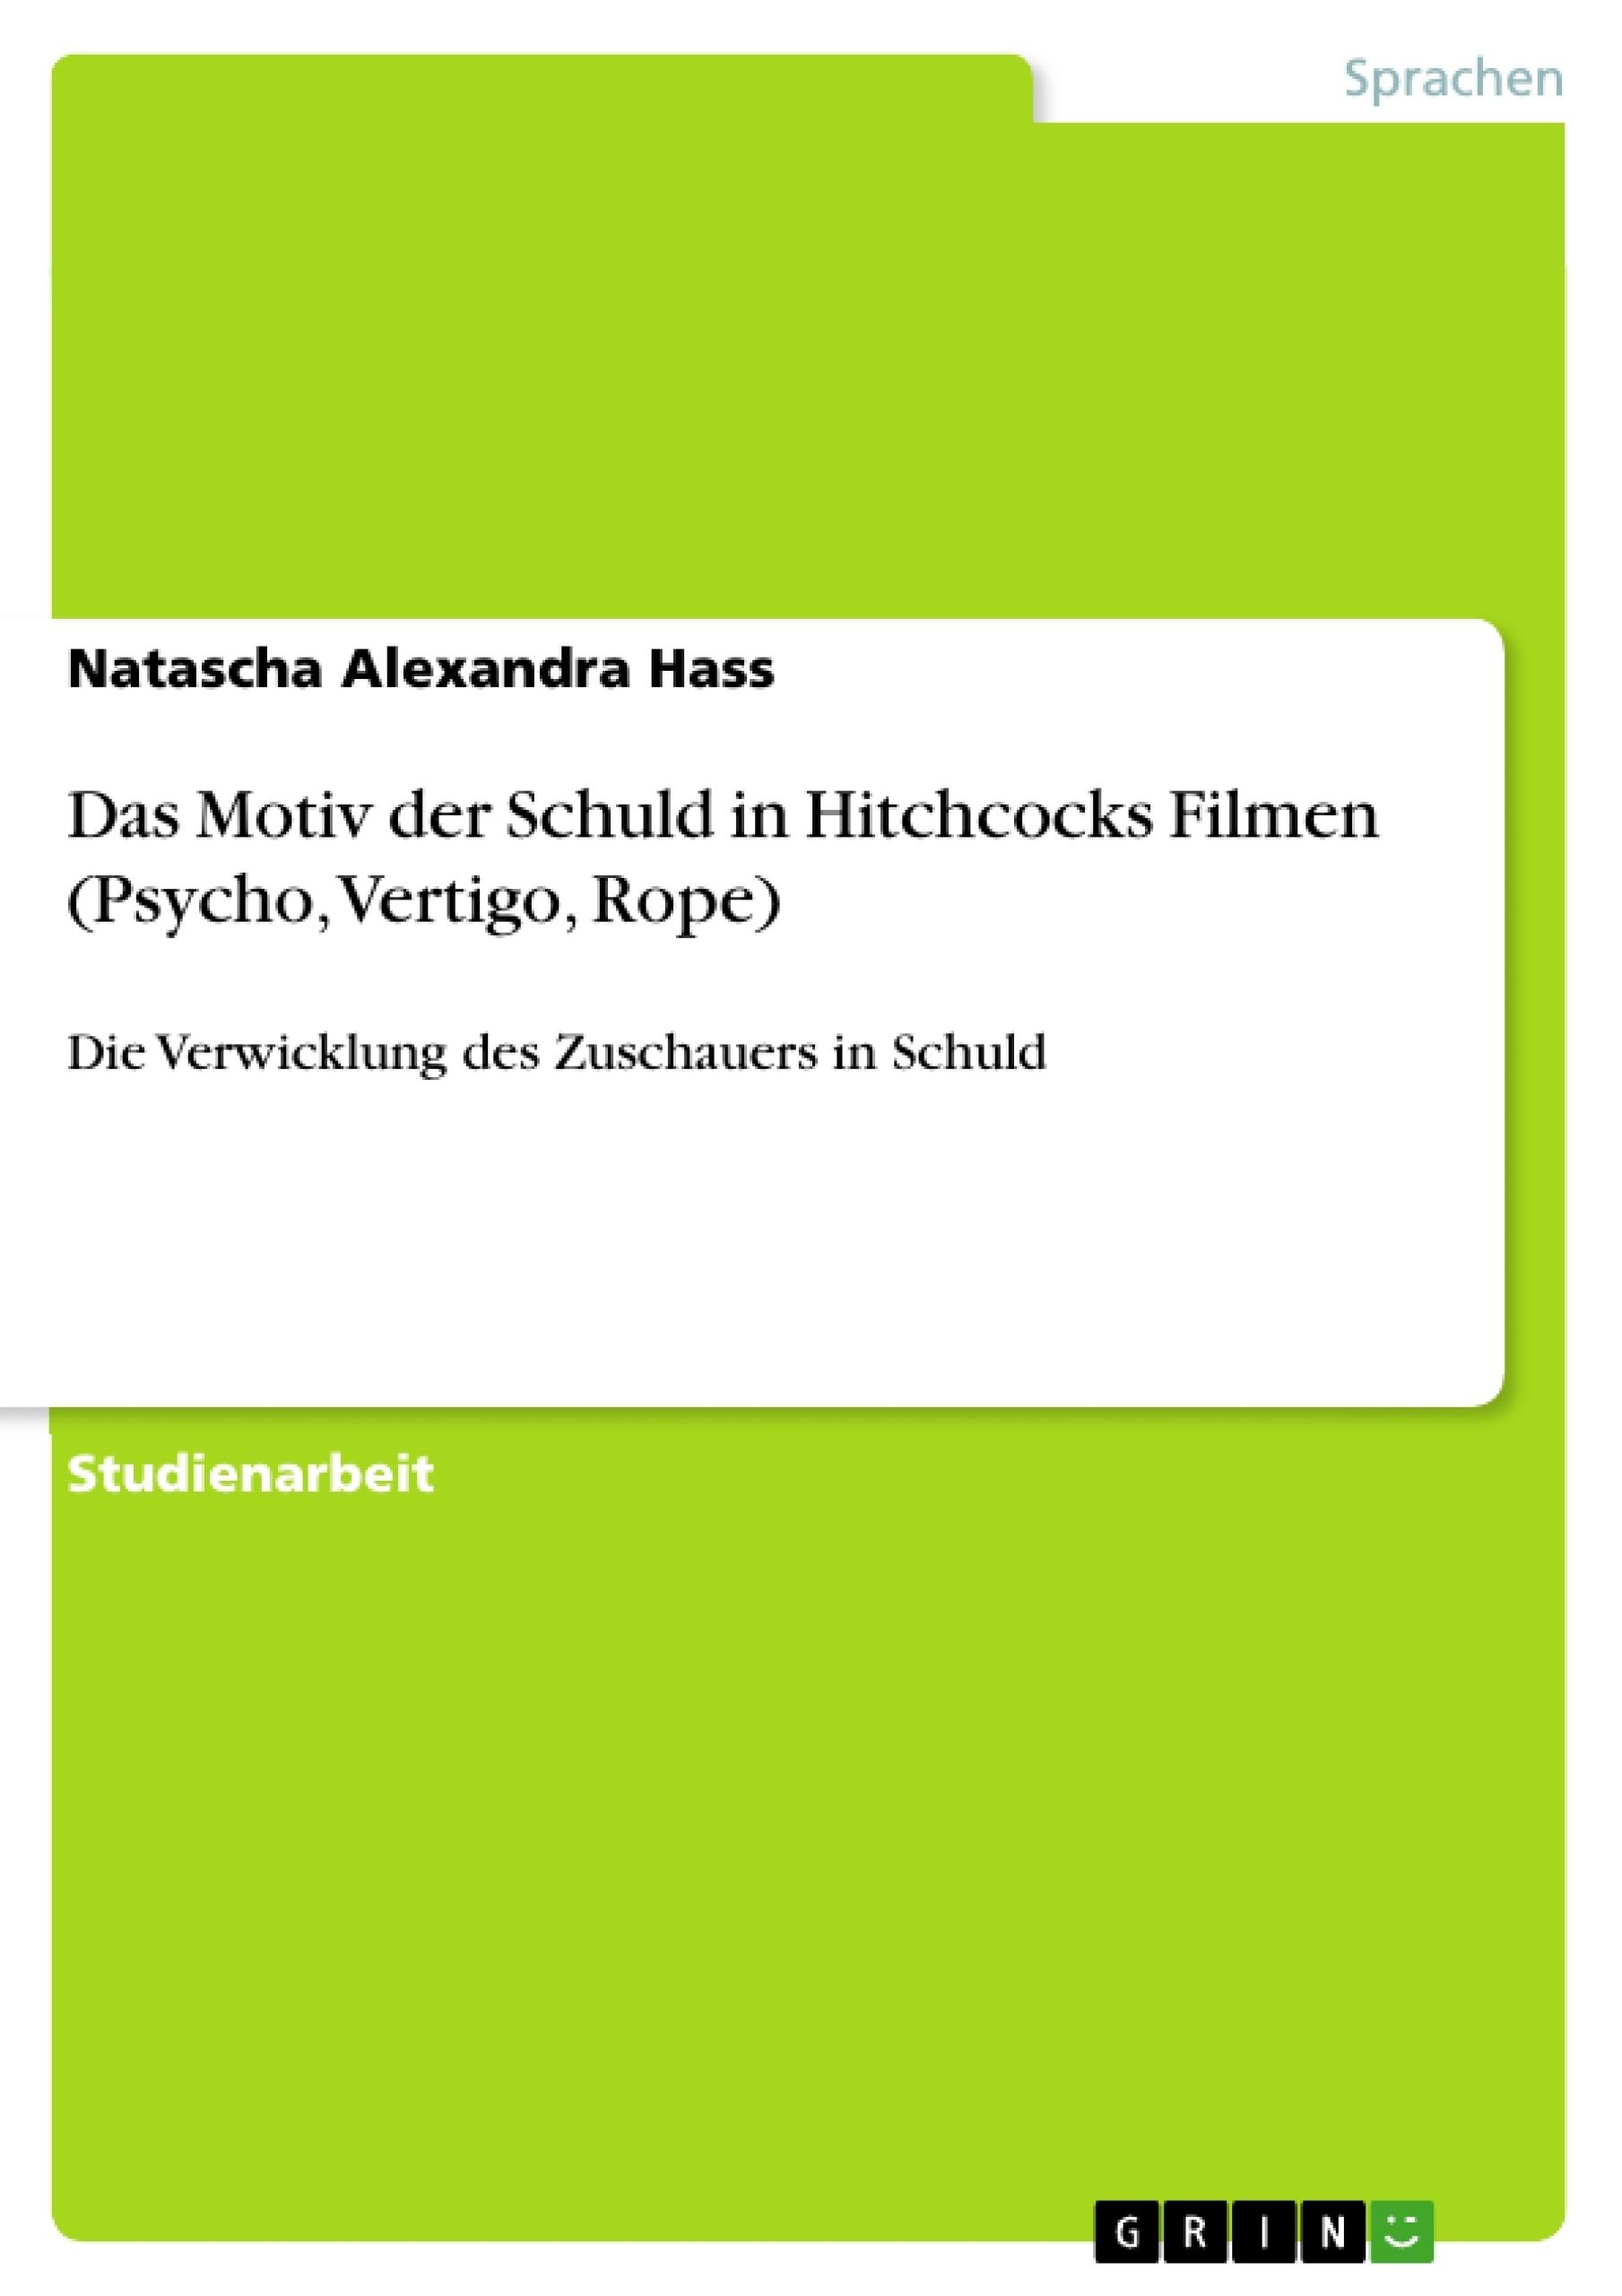 Titel: Das Motiv der Schuld in Hitchcocks Filmen (Psycho, Vertigo, Rope)